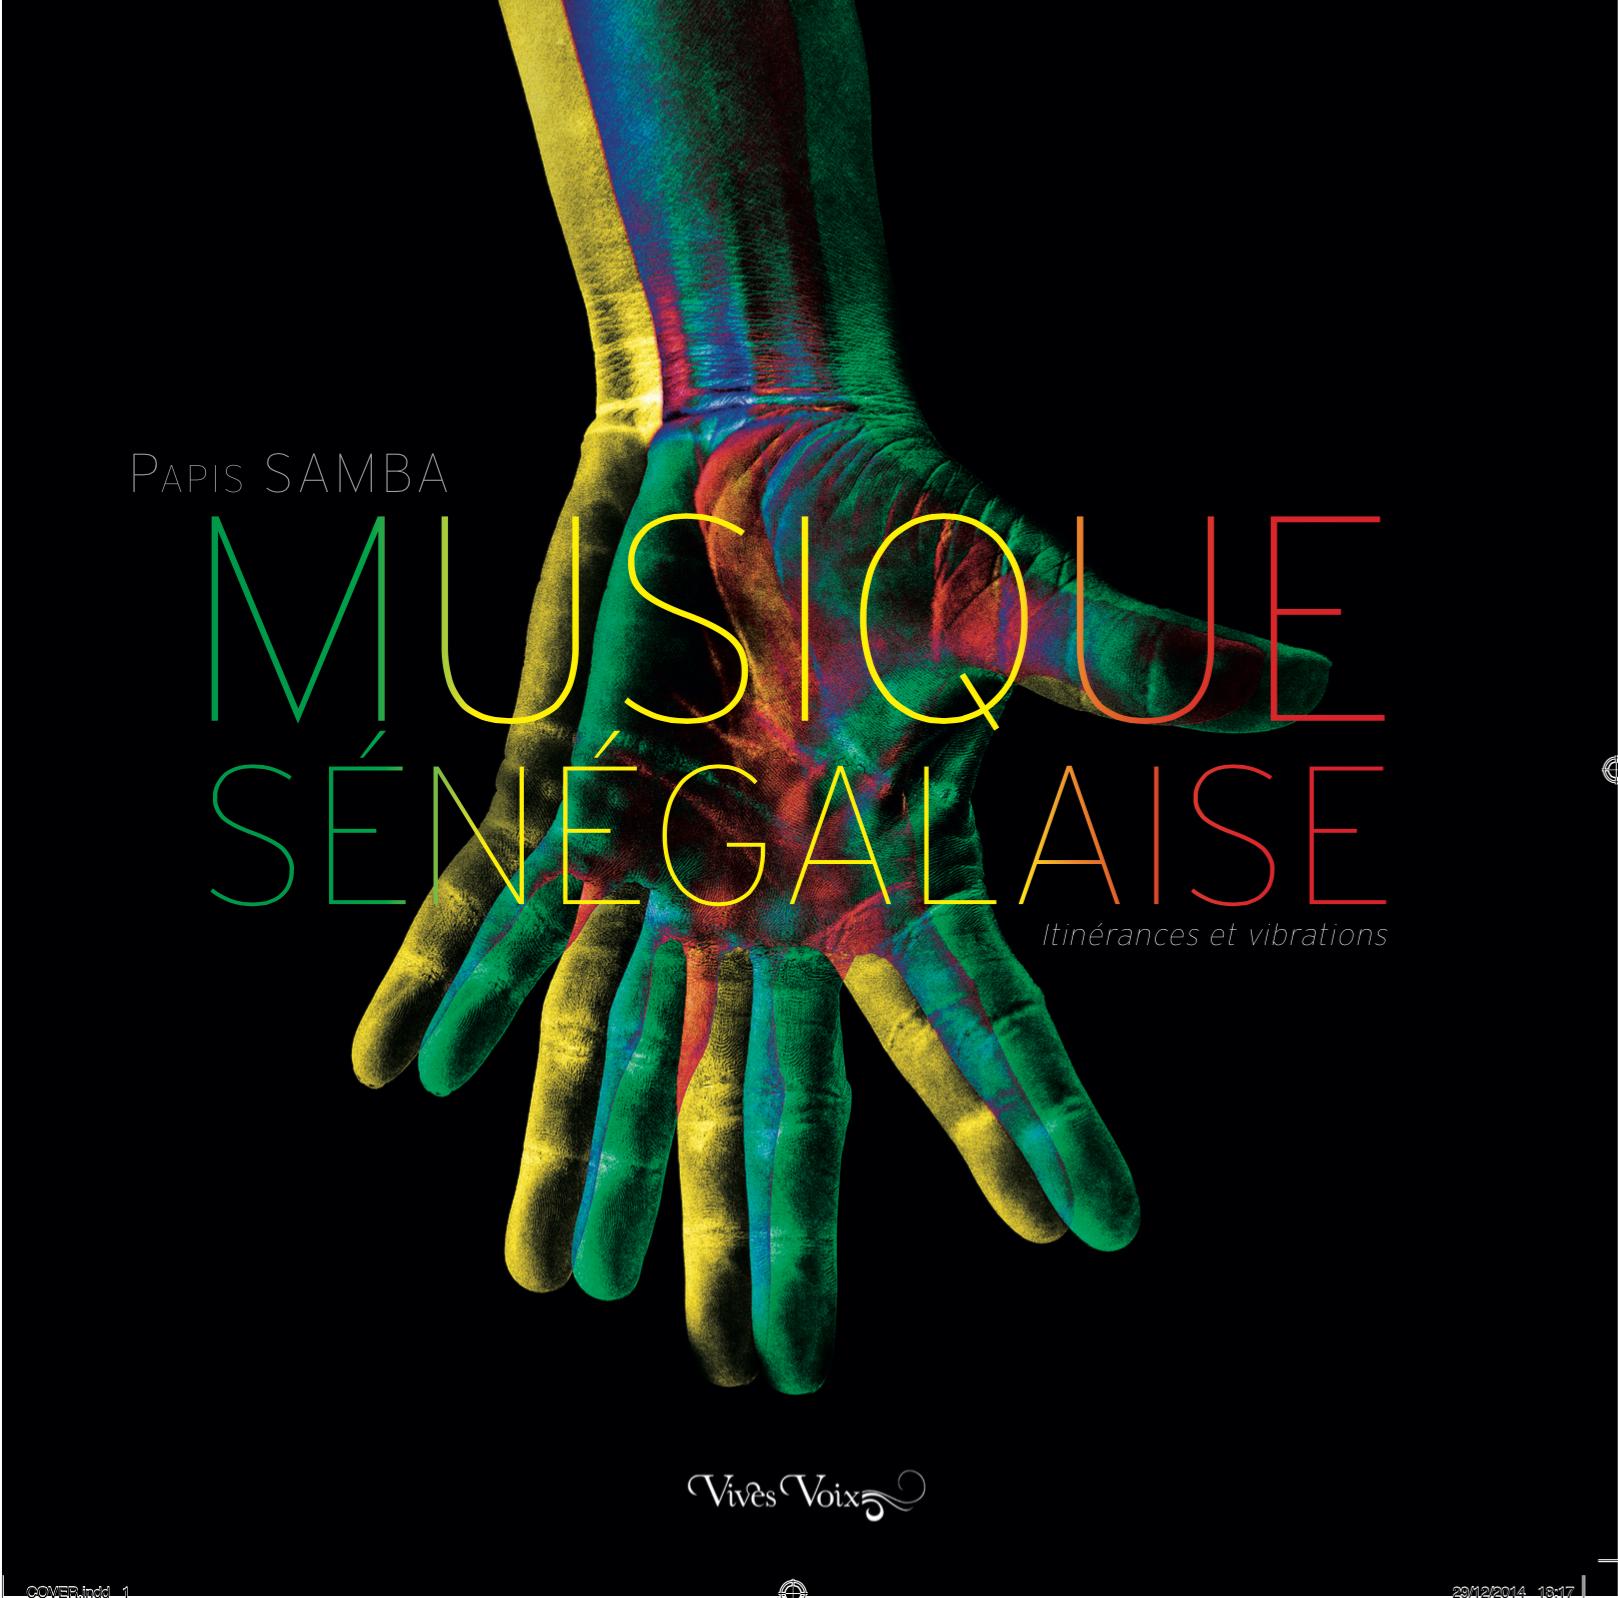 Musique Senegalaise